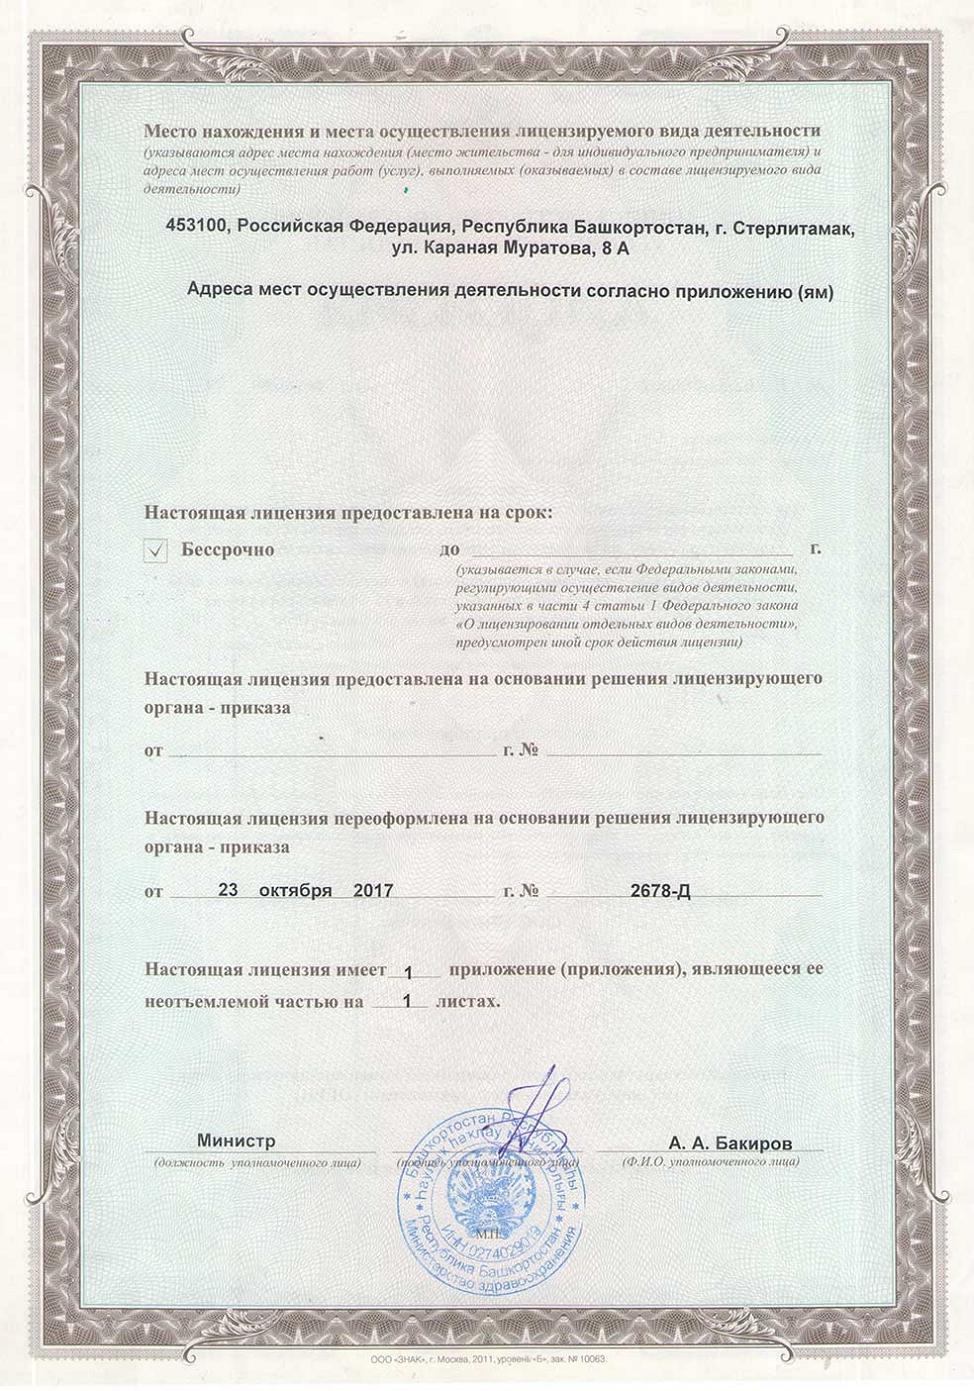 Вита-Дент+: Лицензия (2)